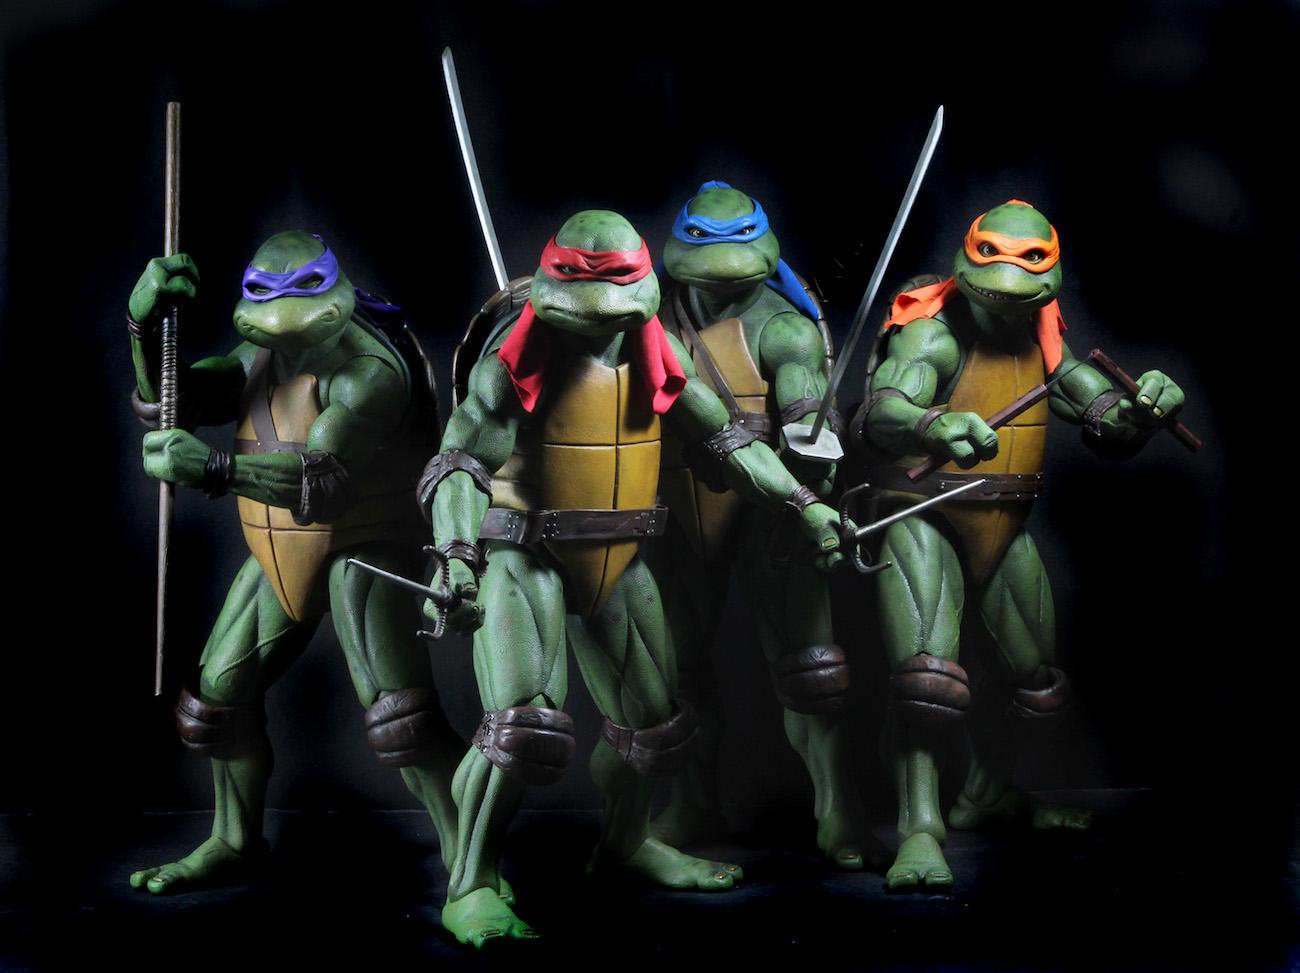 Teenage mutant ninja turtles 1990 movie 14 scale action figure prevnext voltagebd Gallery